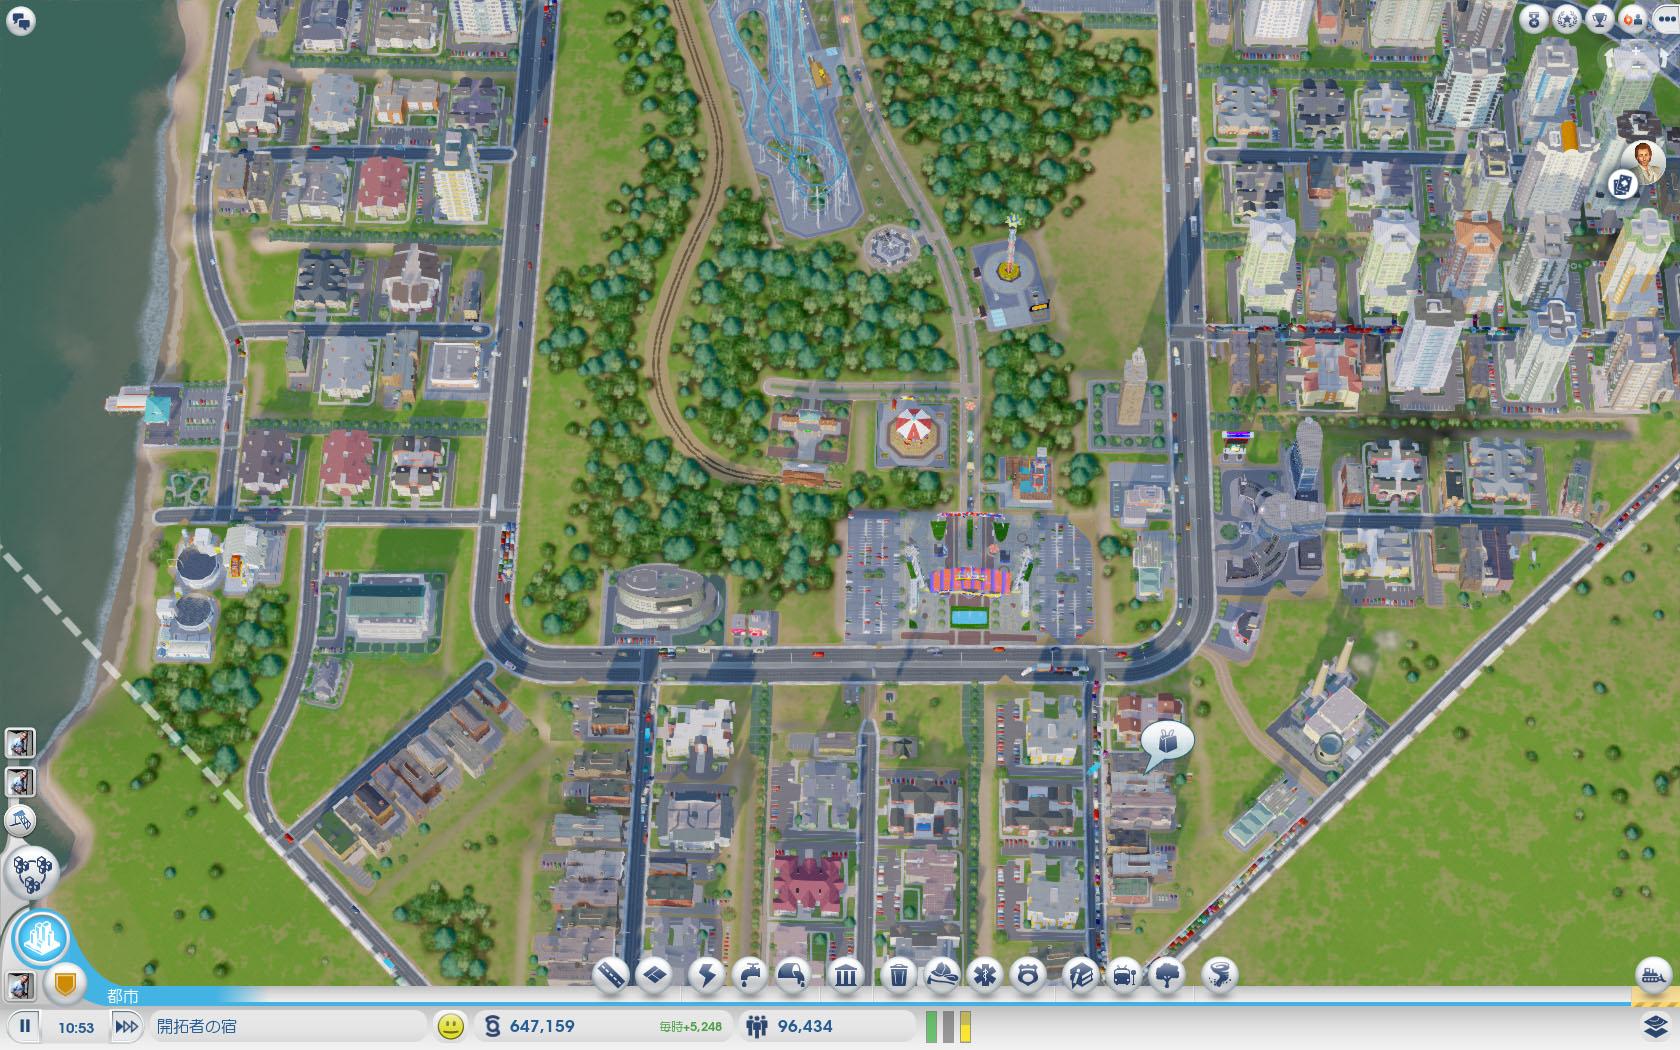 高速出口が2カ所あるマップを使い、放射線状に大通りを引き、放射線状に高密度道路をレイアウトしてみた例。